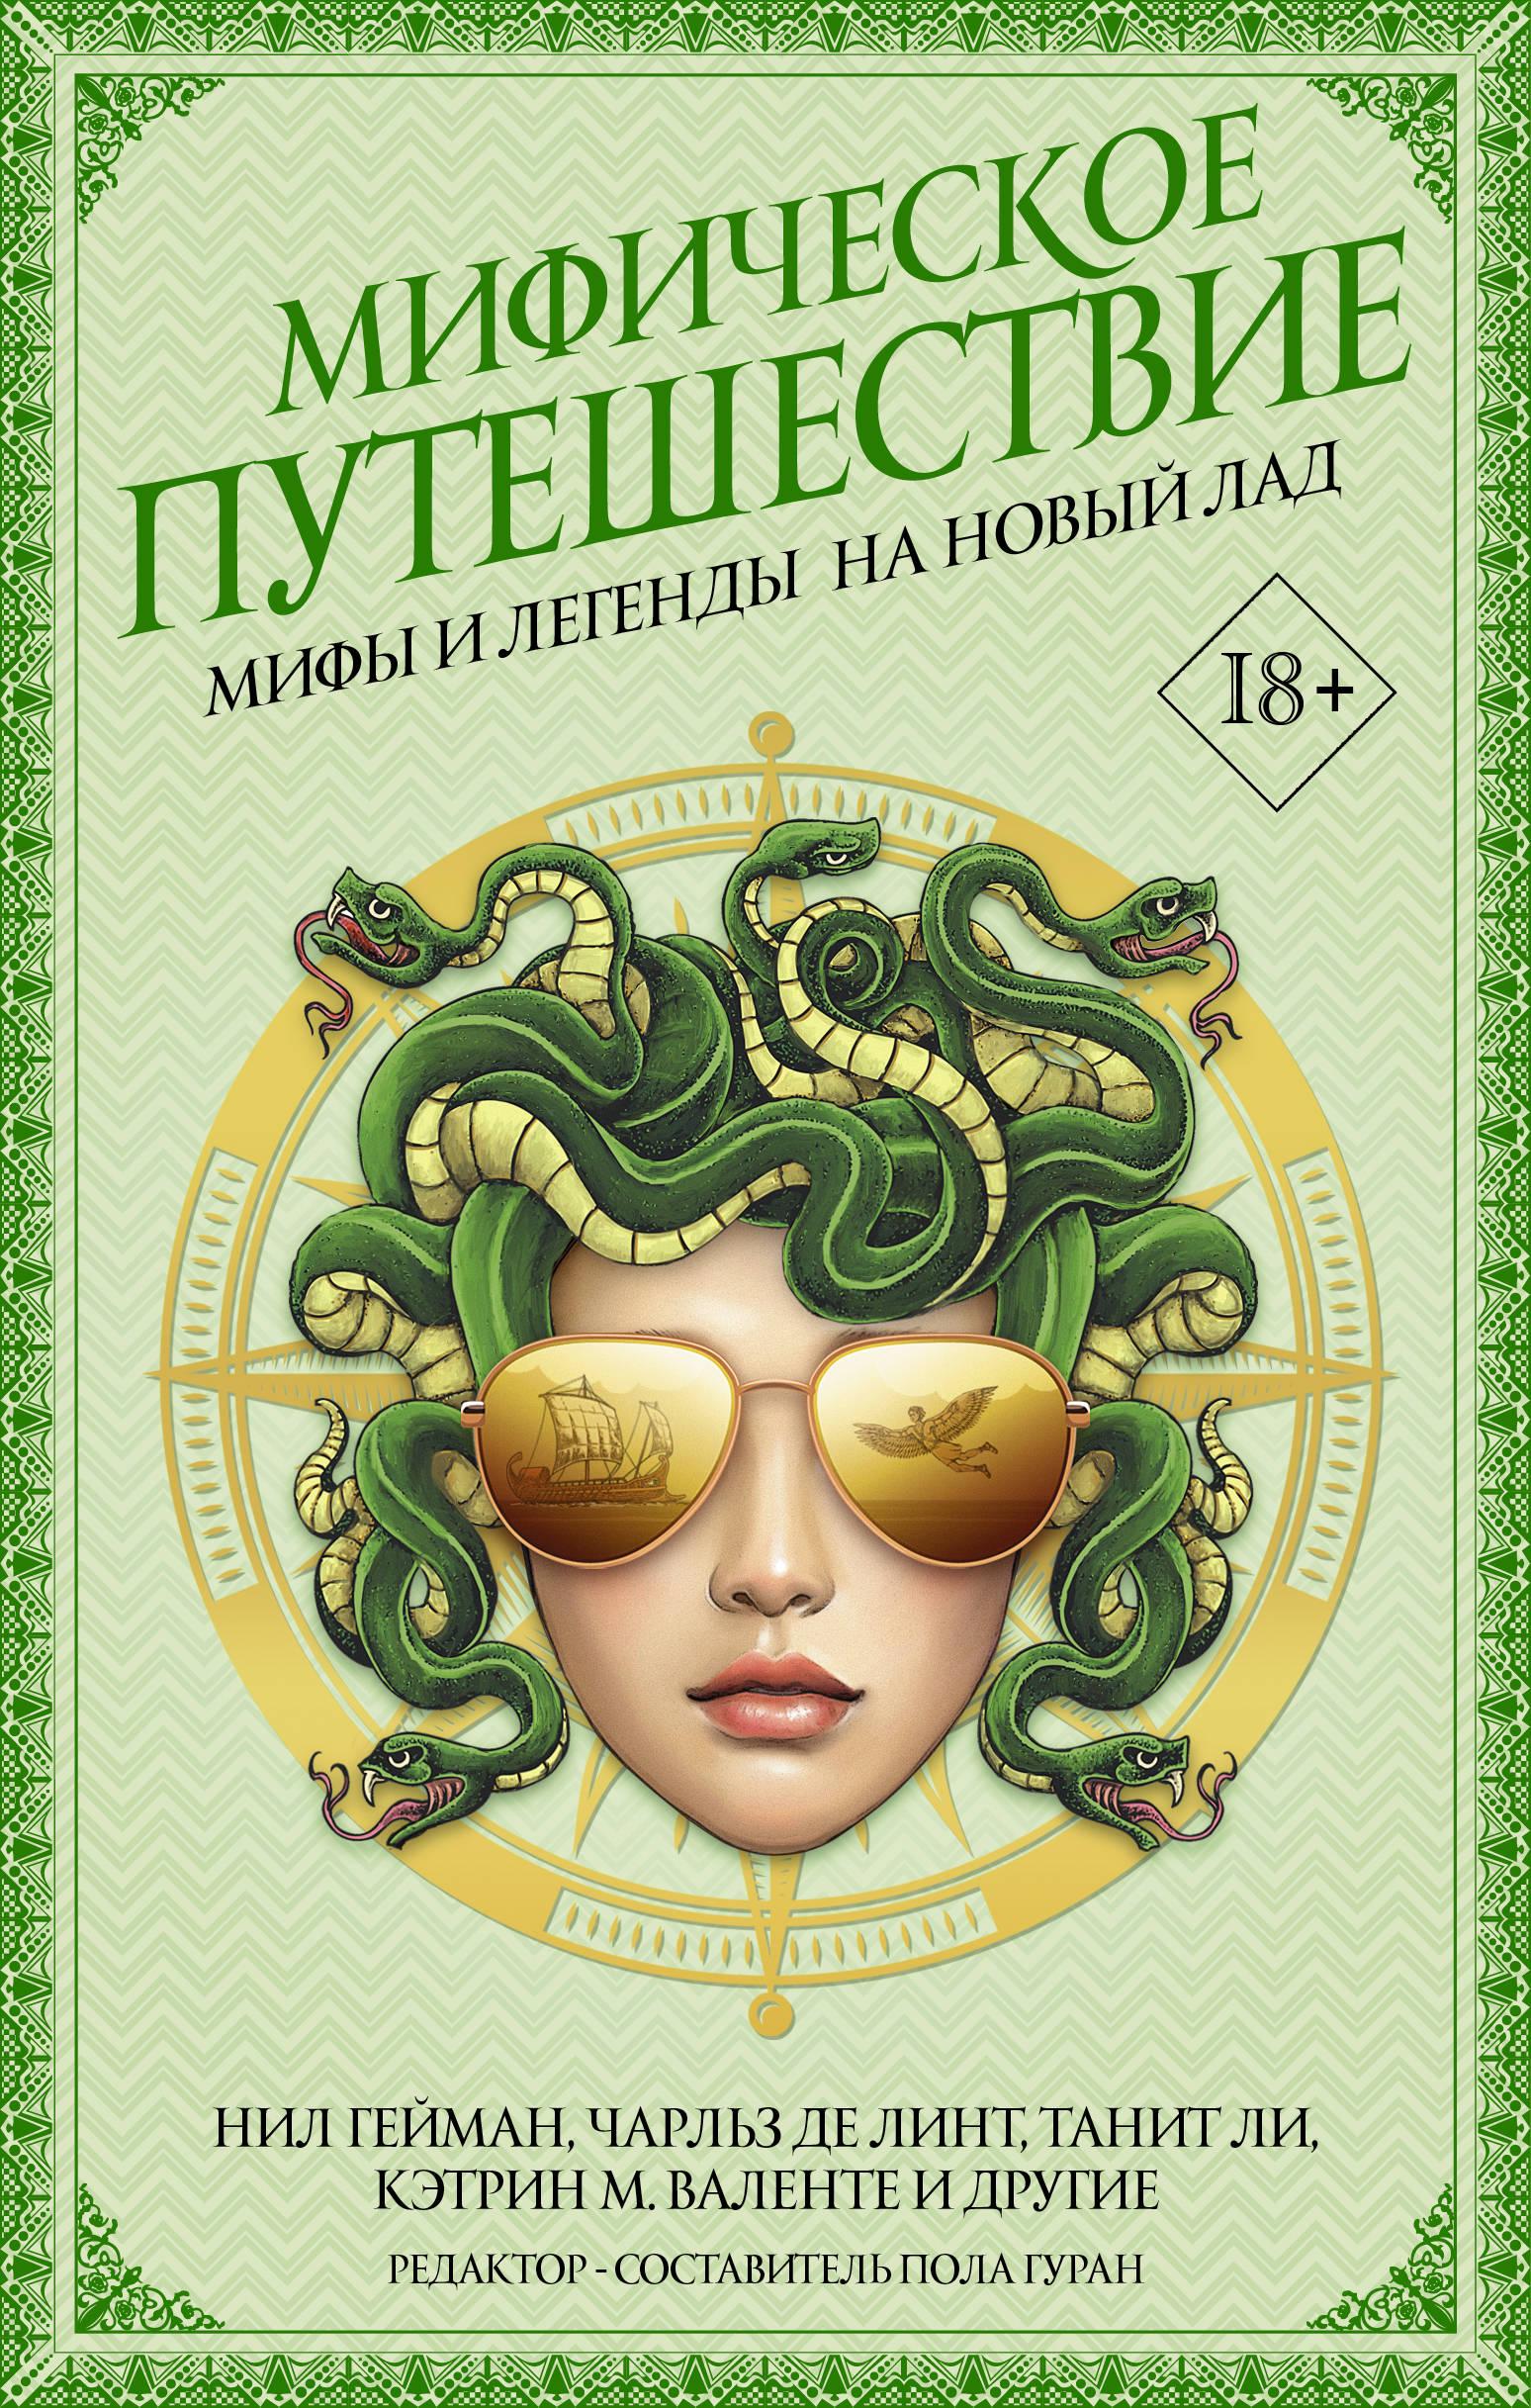 Что почитать: третий том «Колеса времени», много мифов и ориентальное фэнтези 2